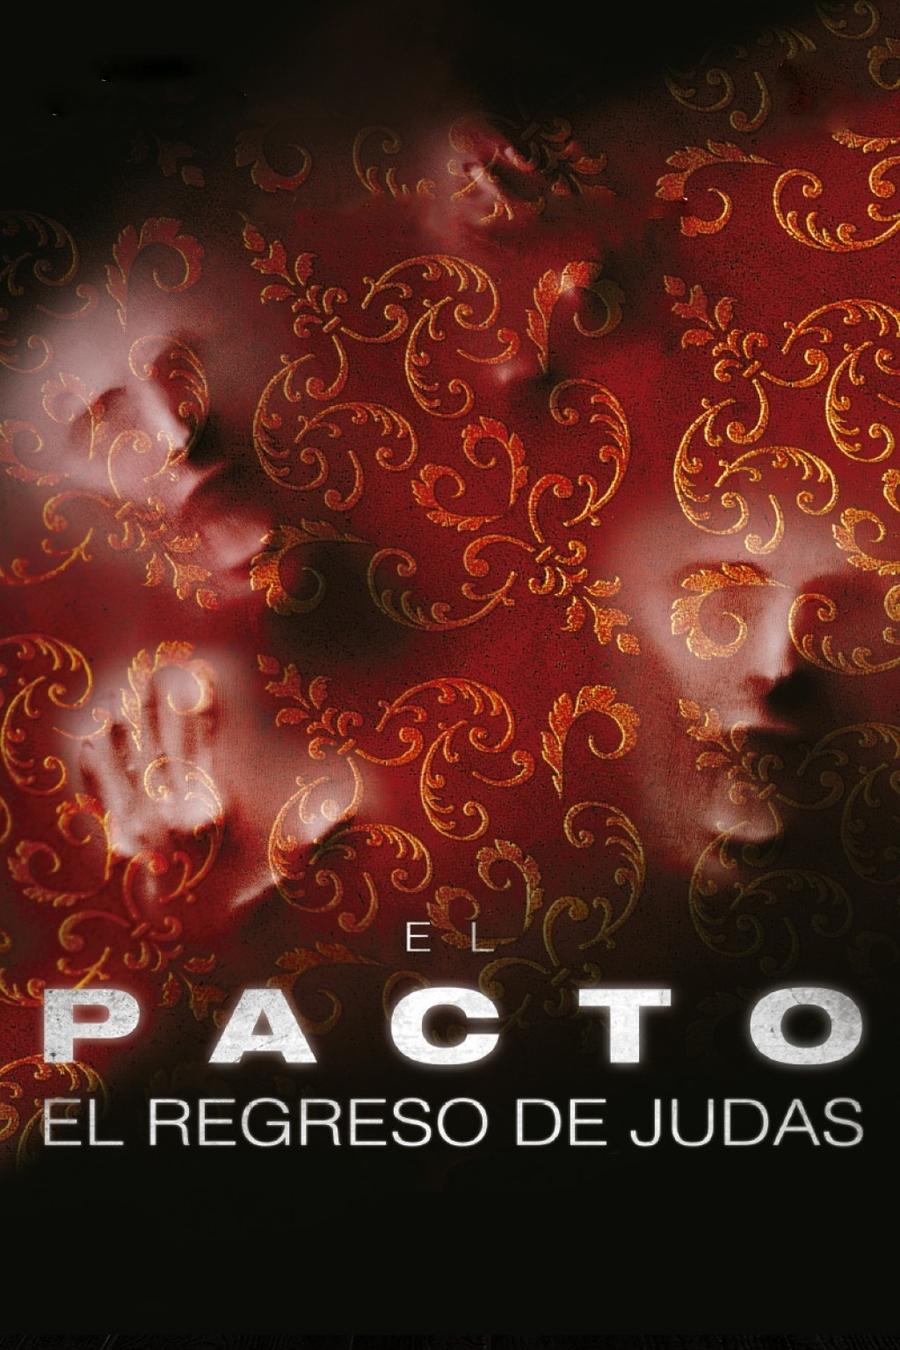 El Pacto 2: El Regreso de Judas